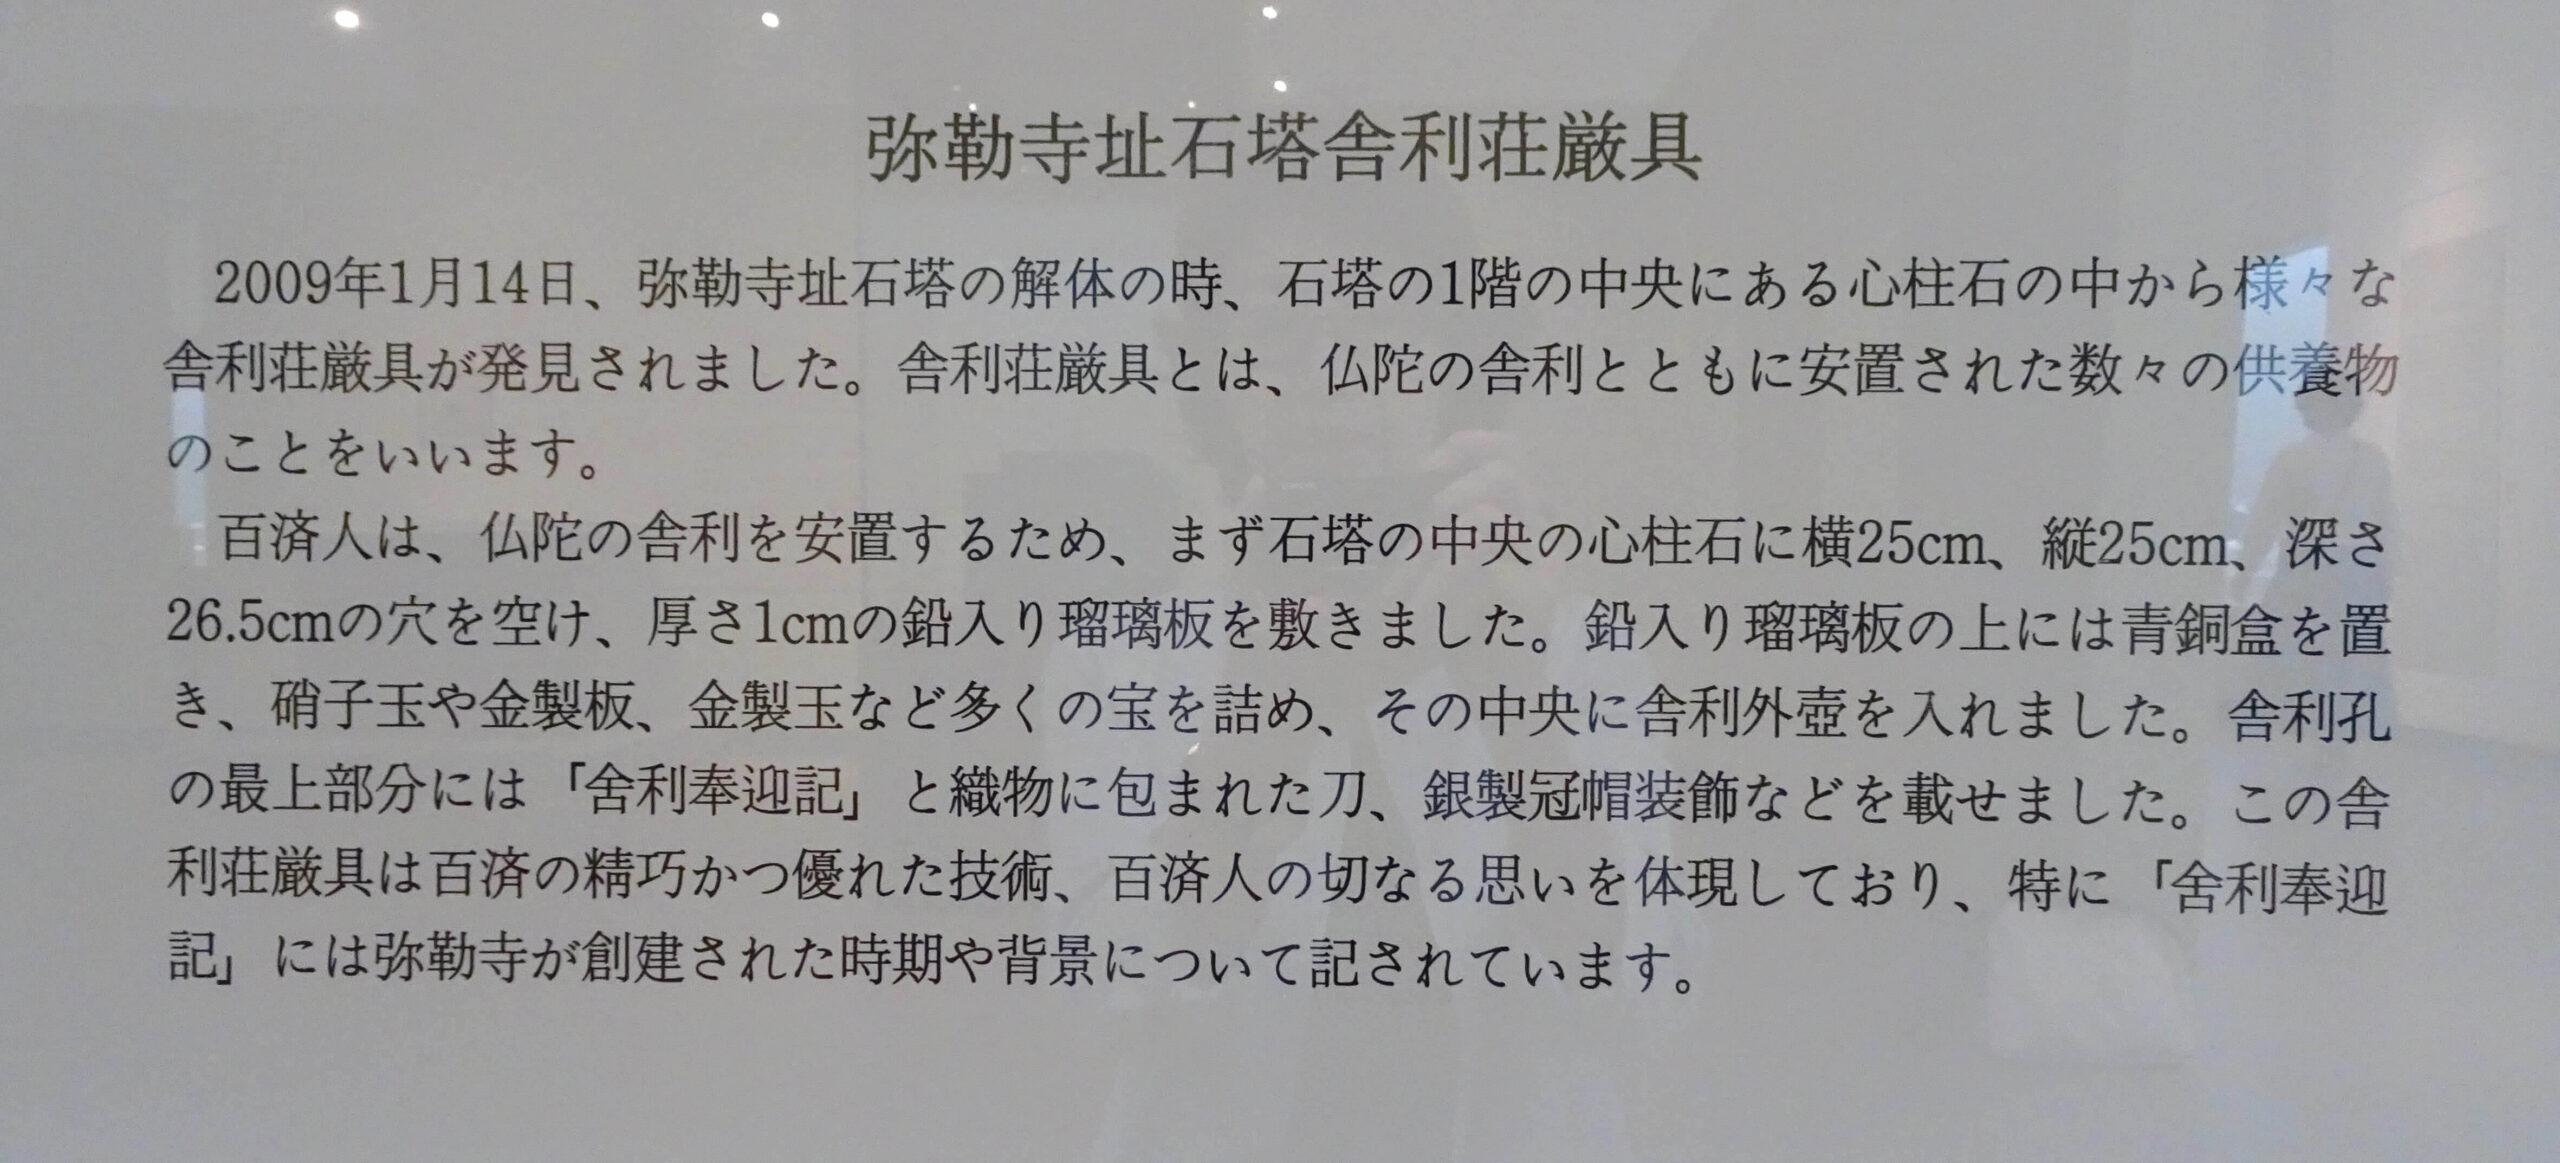 益山弥勒寺跡 舎利荘厳具の解説パネル